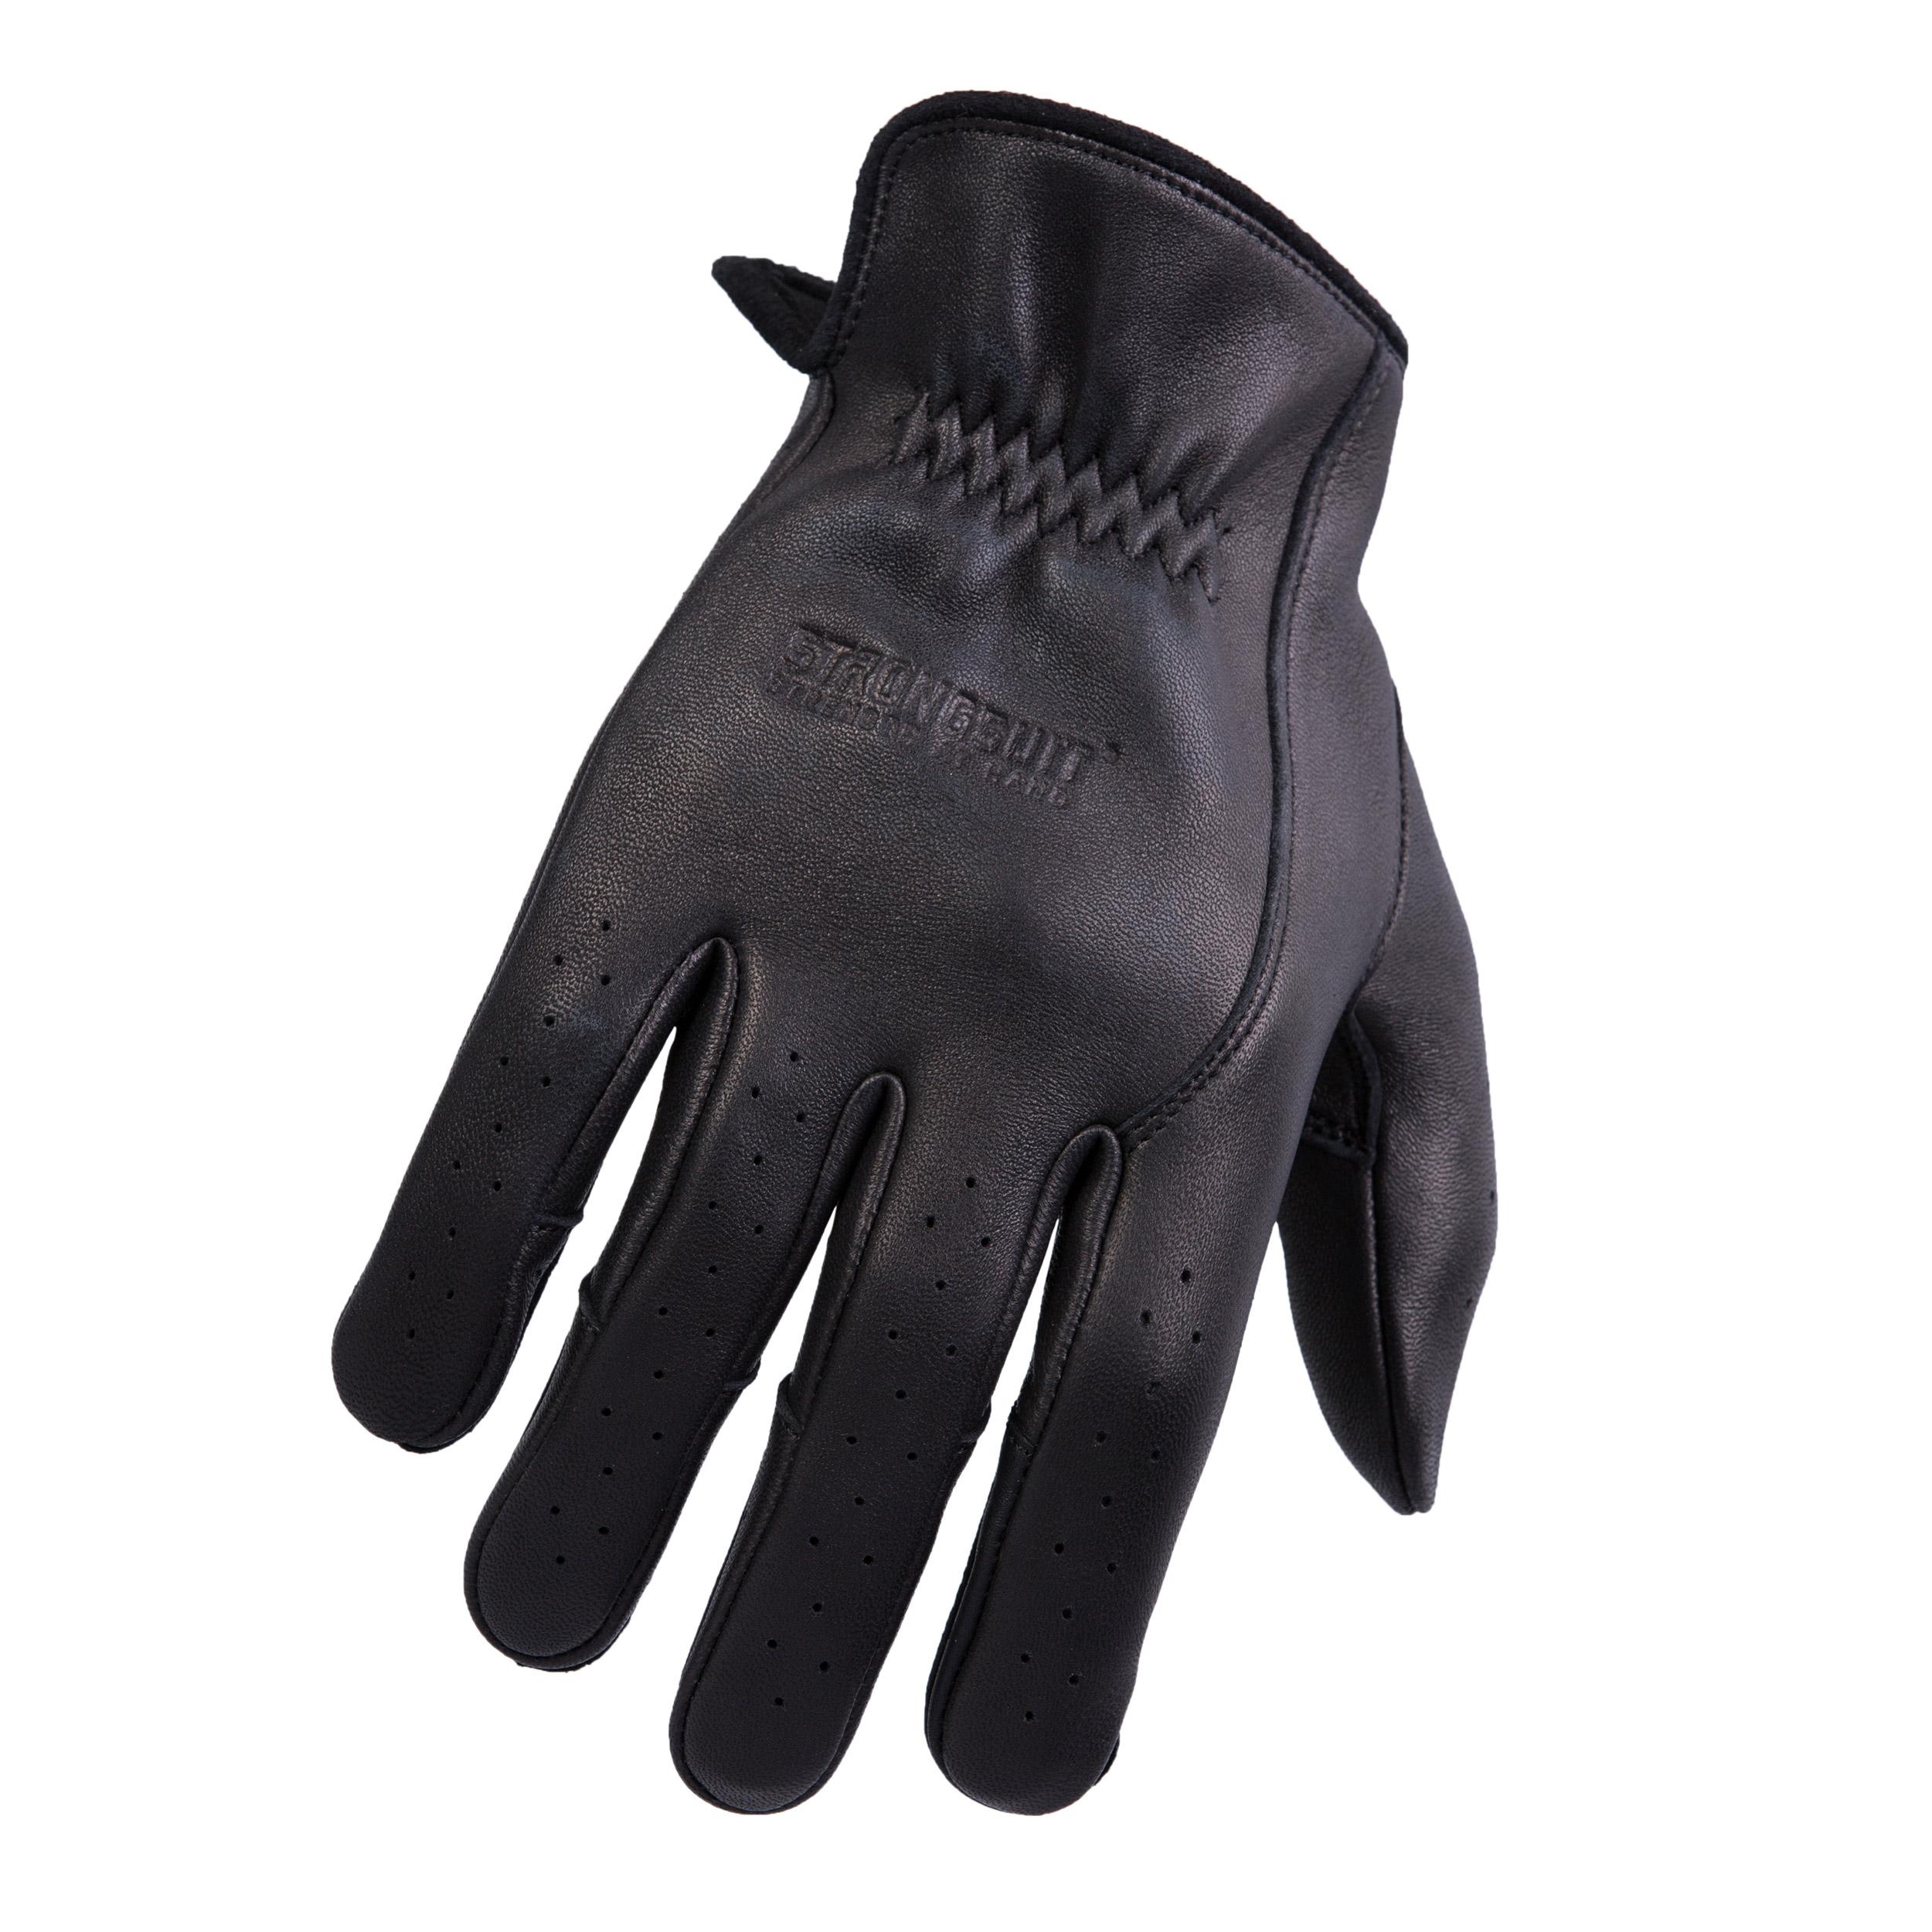 Essence Gloves, Black, Large